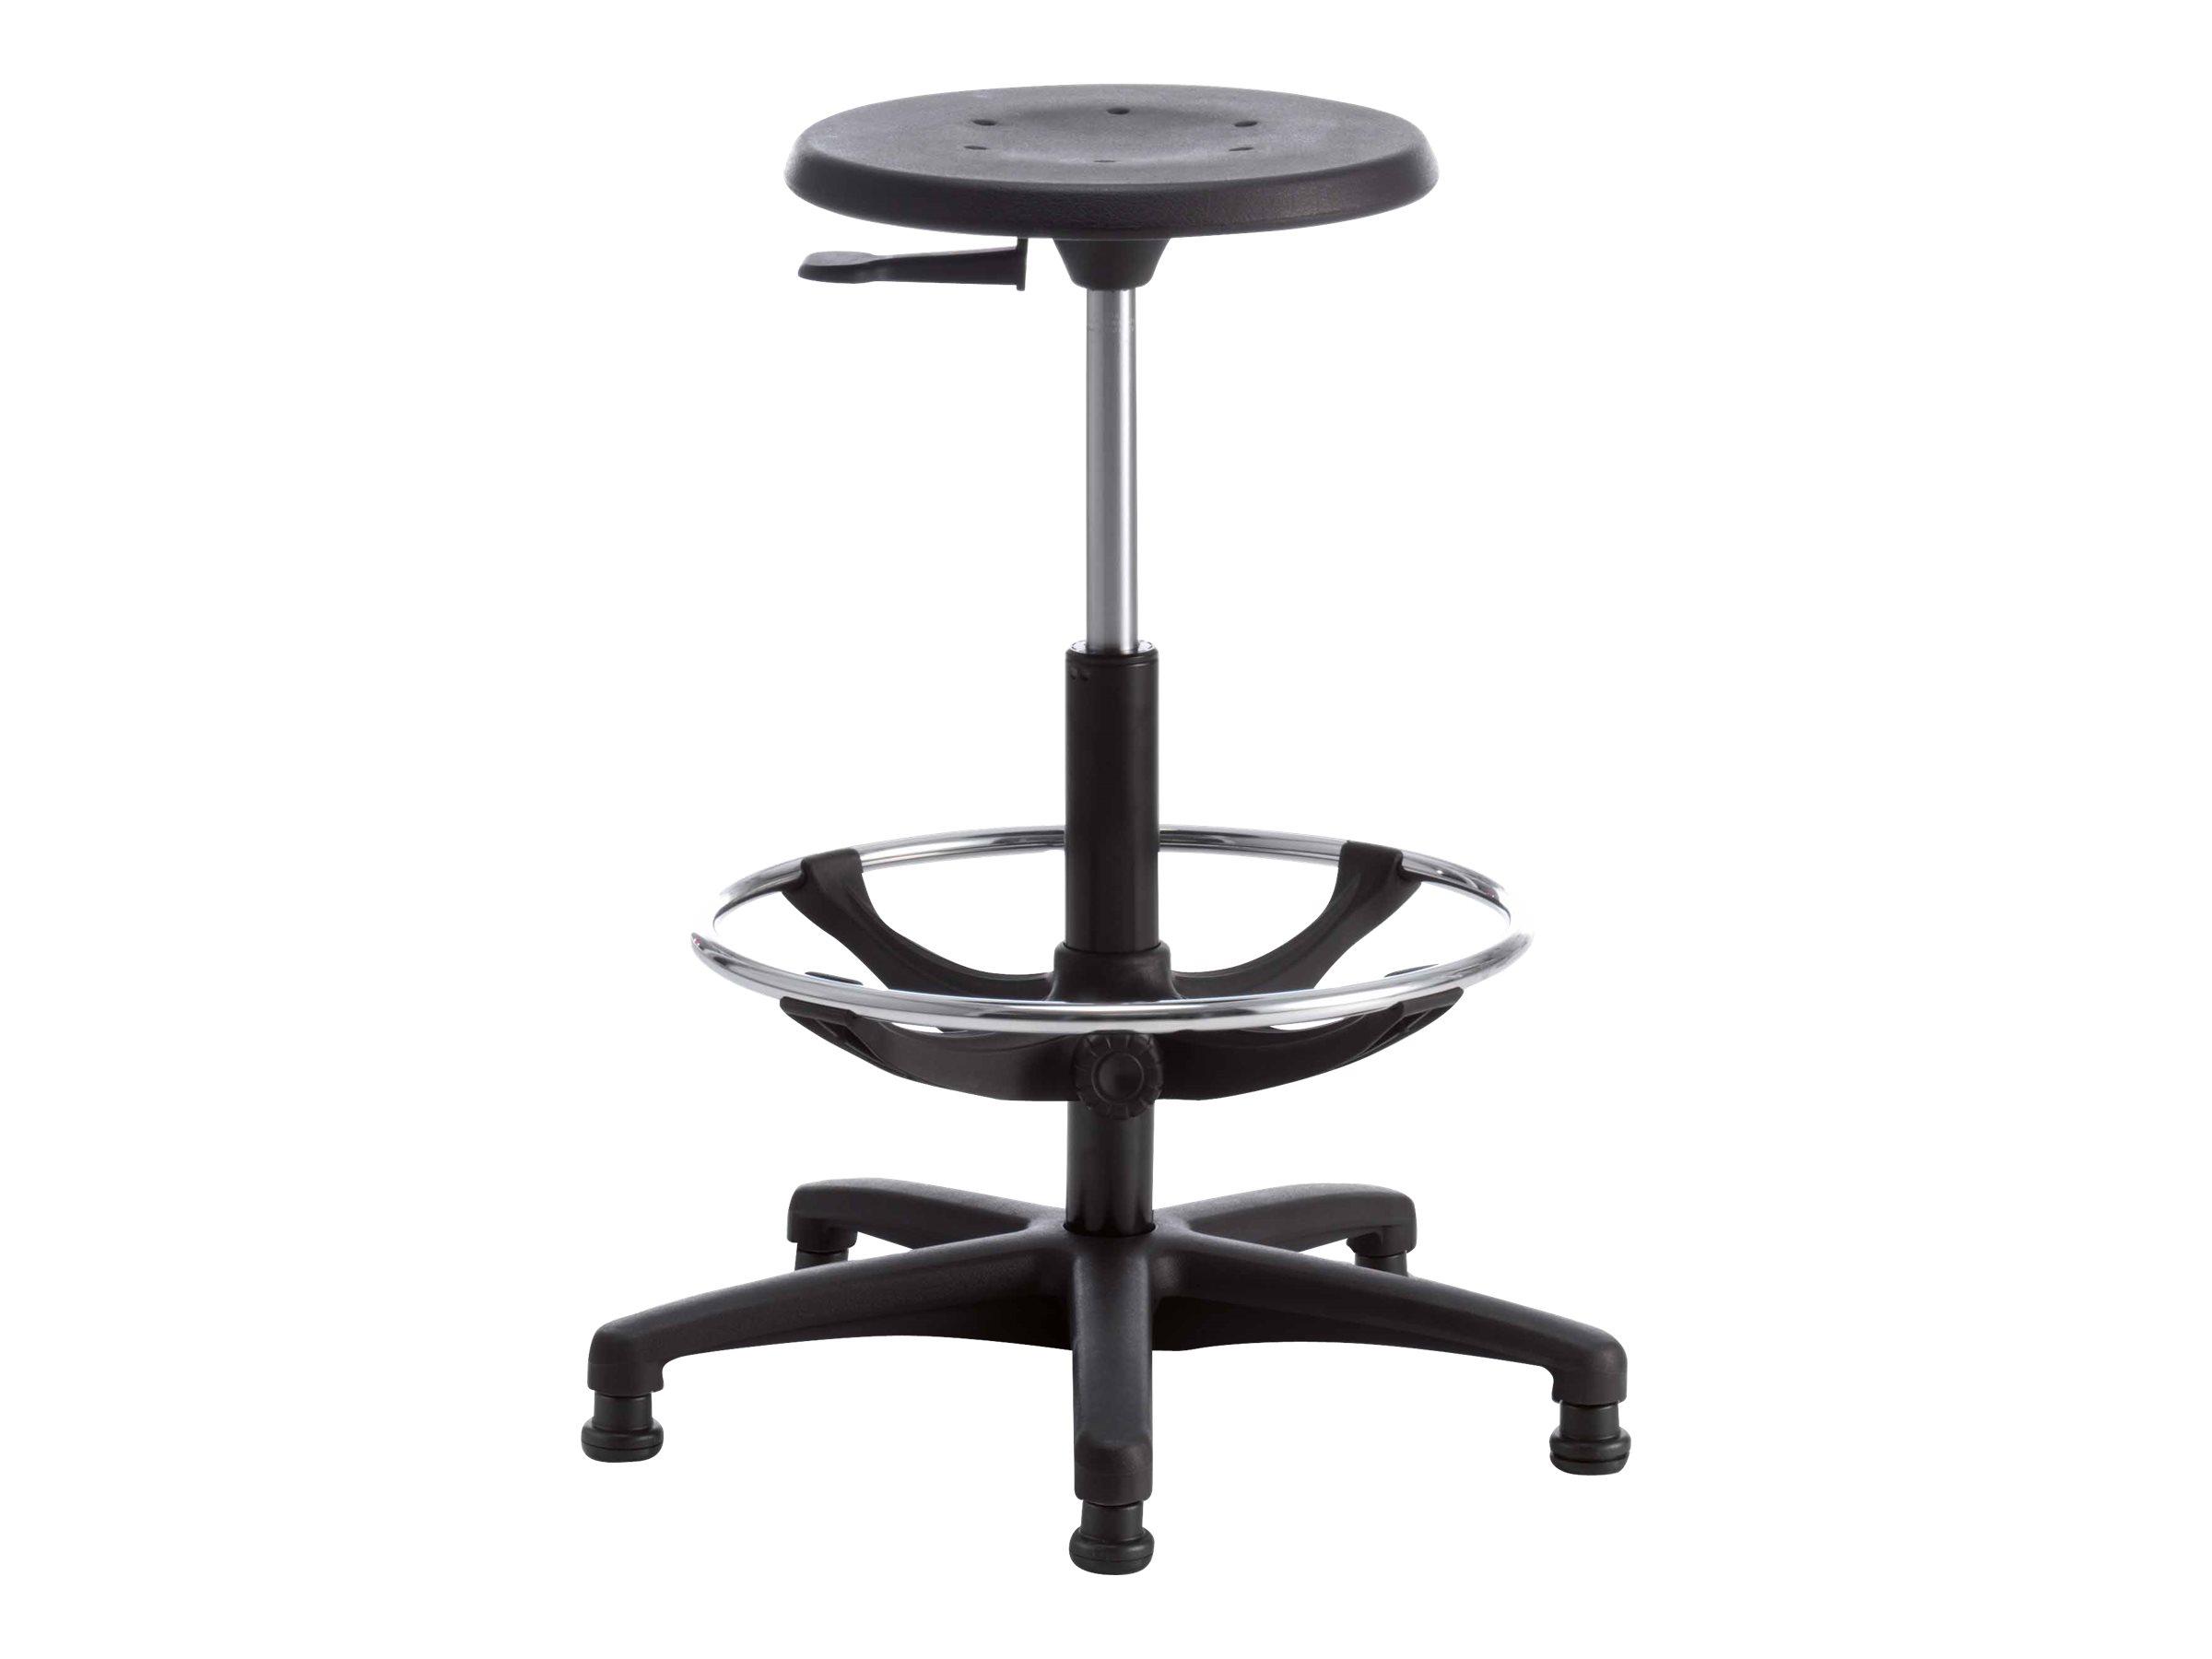 Siege technique TECNIK - tabouret assis-debout - hauteur réglable jusqu'à 75 cm - repose-pieds réglable - Noir